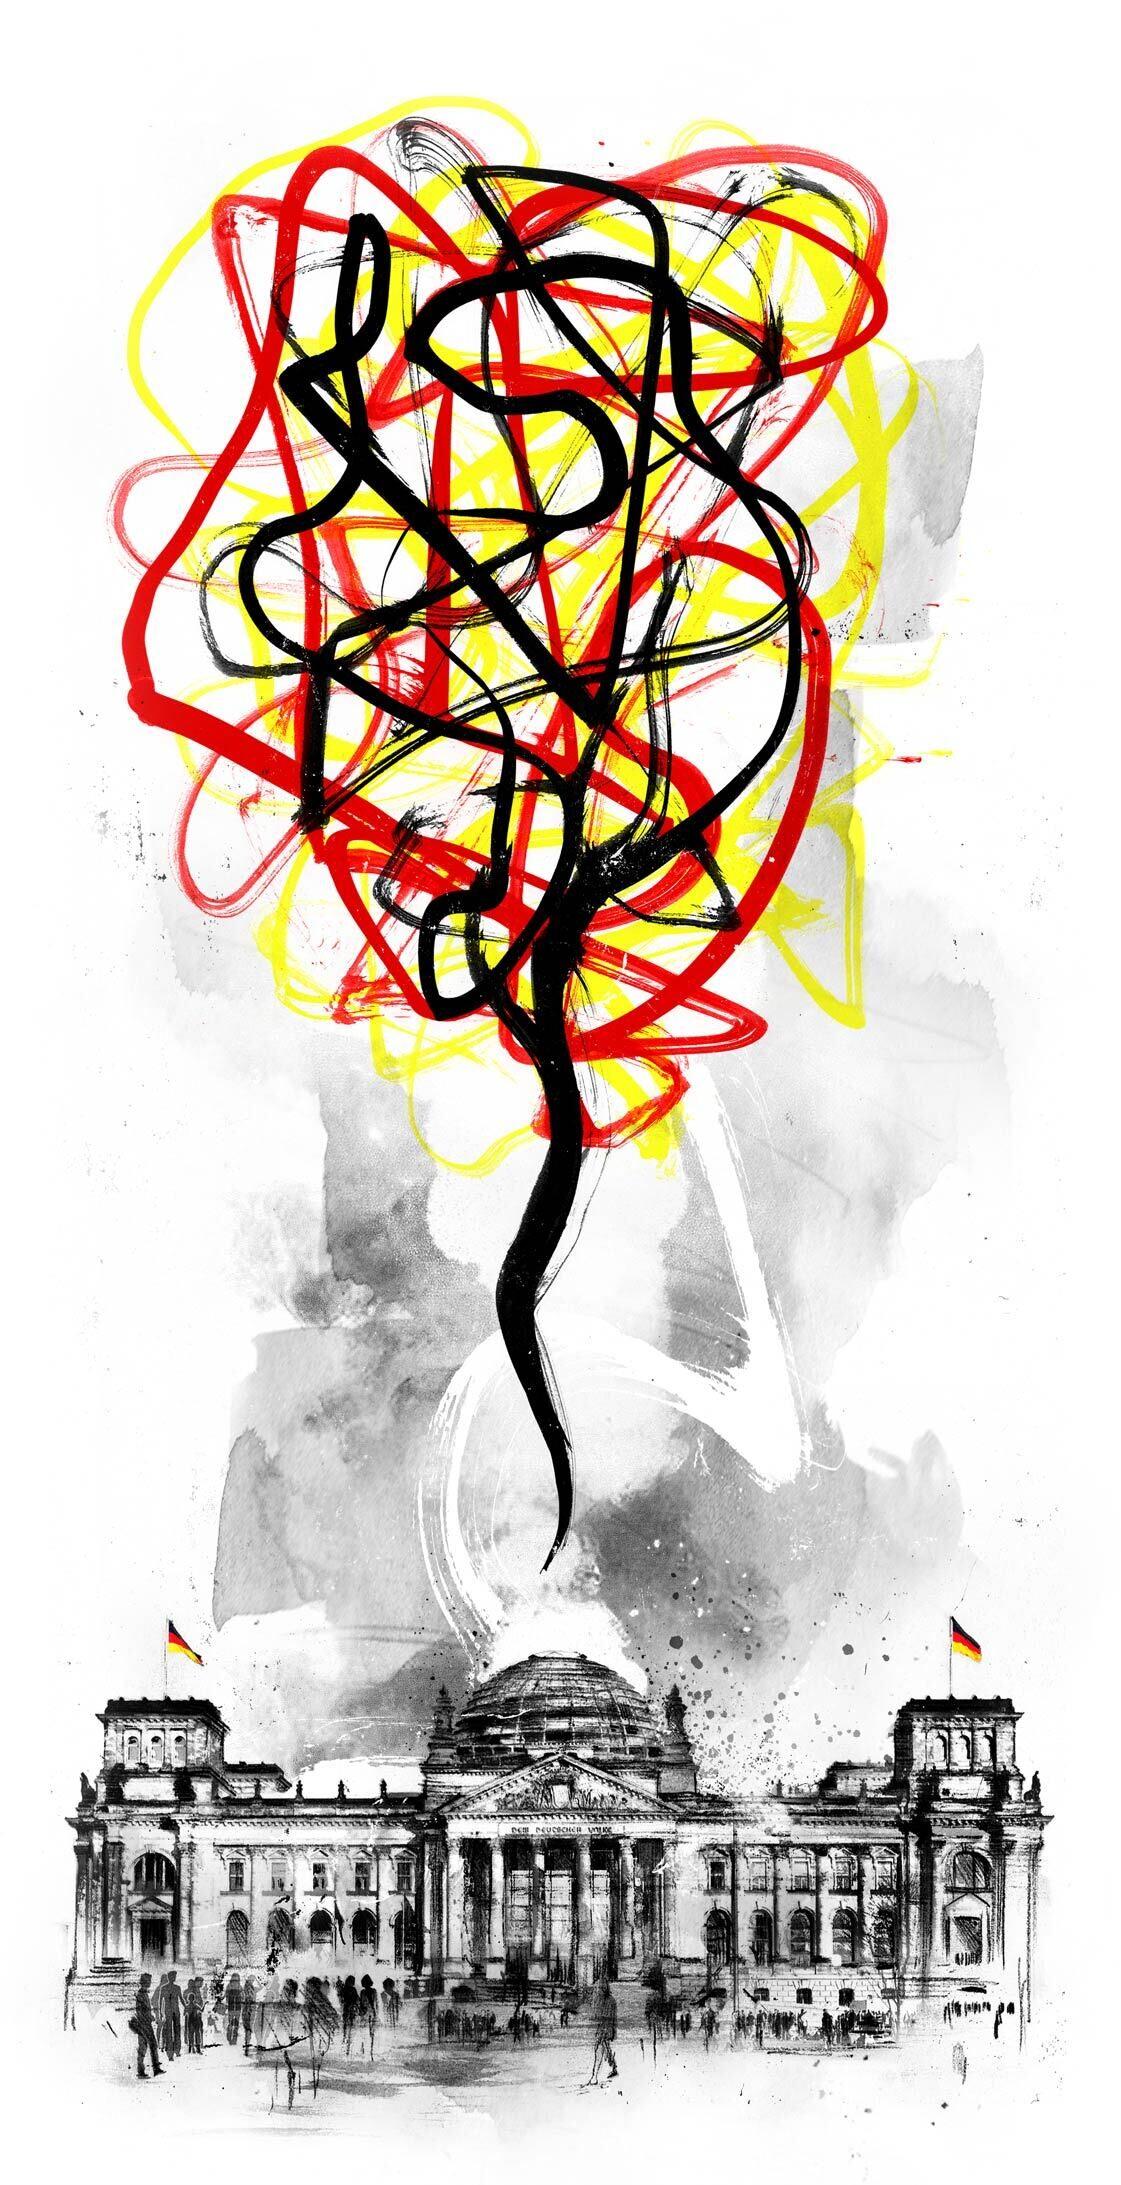 Chaos Berlin Reichstag illustration - Kornel Illustration | Kornel Stadler portfolio